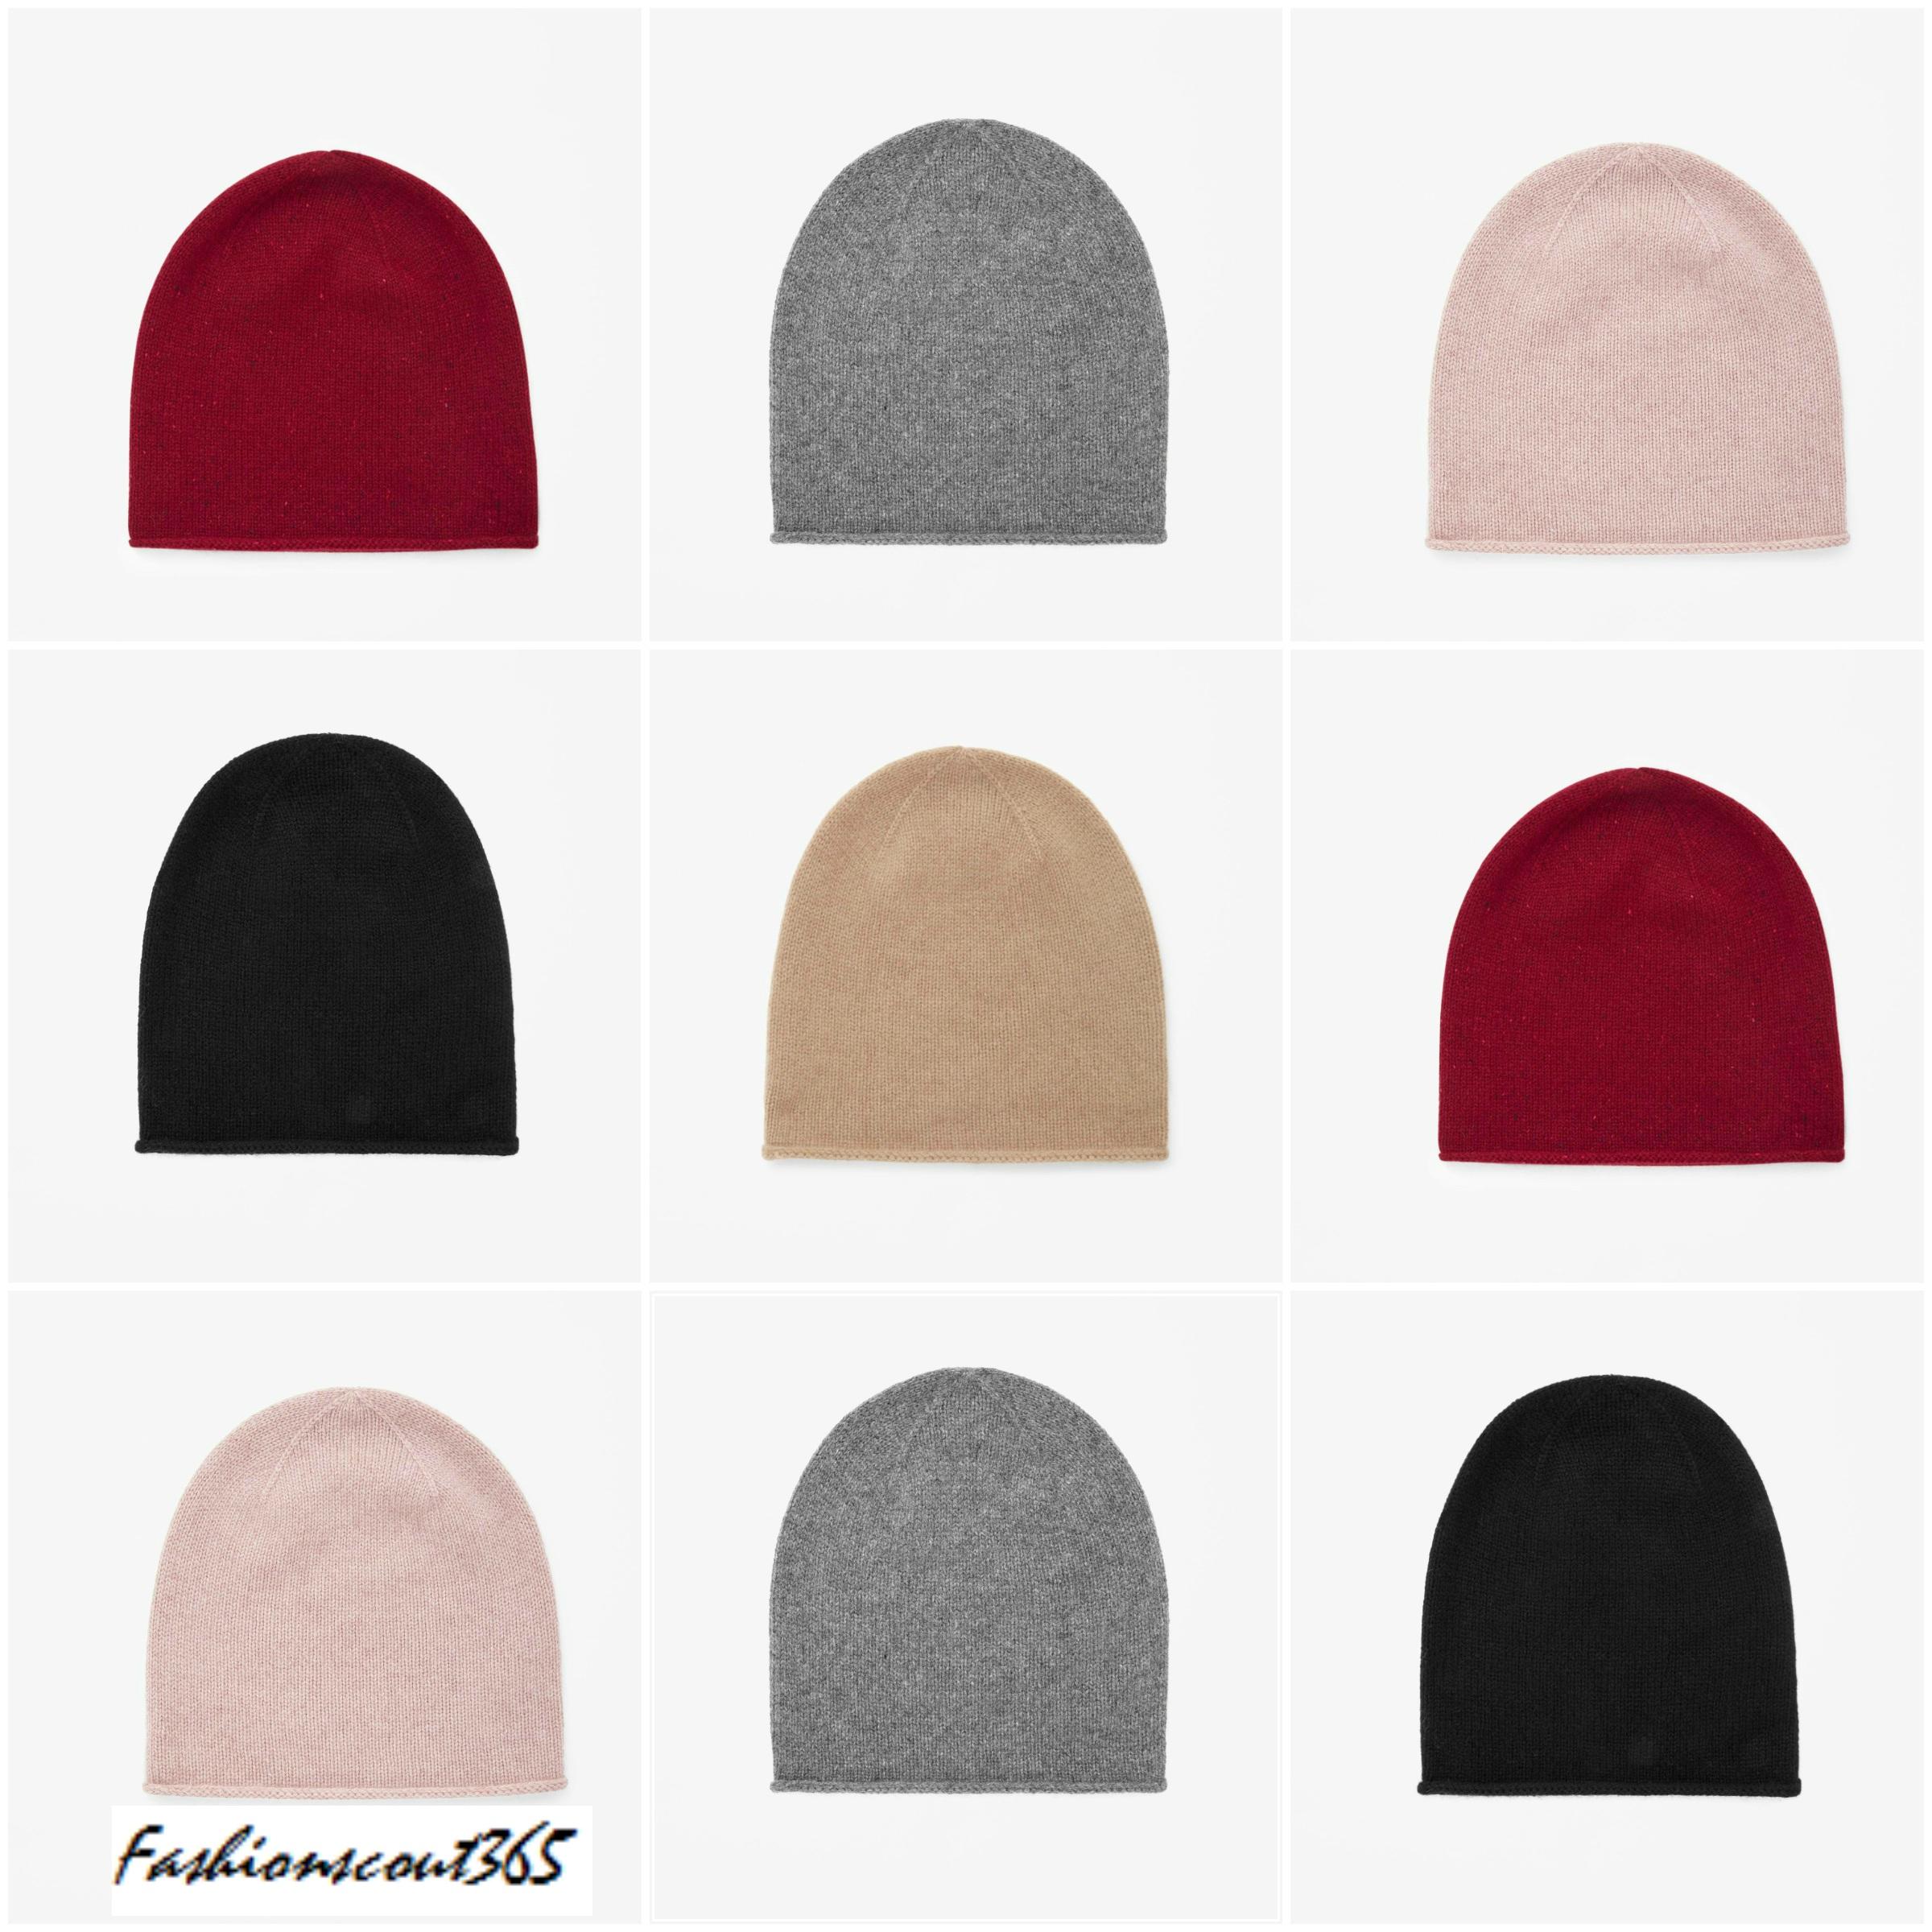 collage_kaschmir-muetze_cos_weinrot-dunkelgruen_winter-basics_garderobe_fashionscout365_2